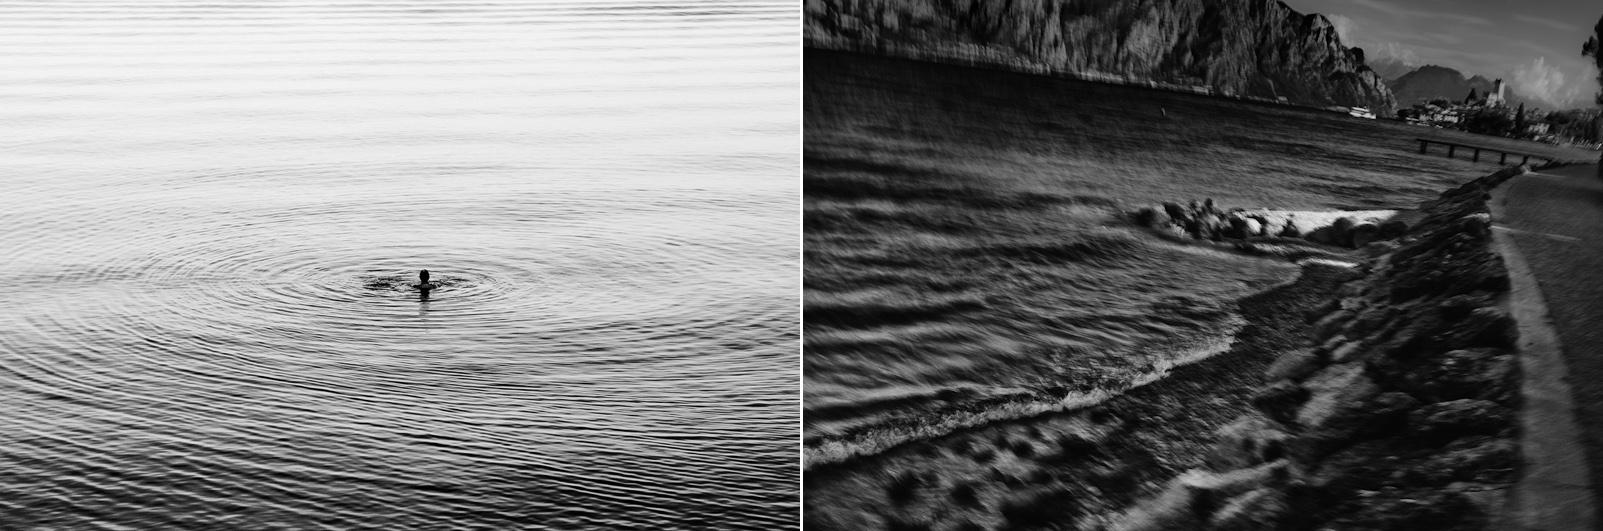 © Natália Hlavičková / Robert Vano Gallery